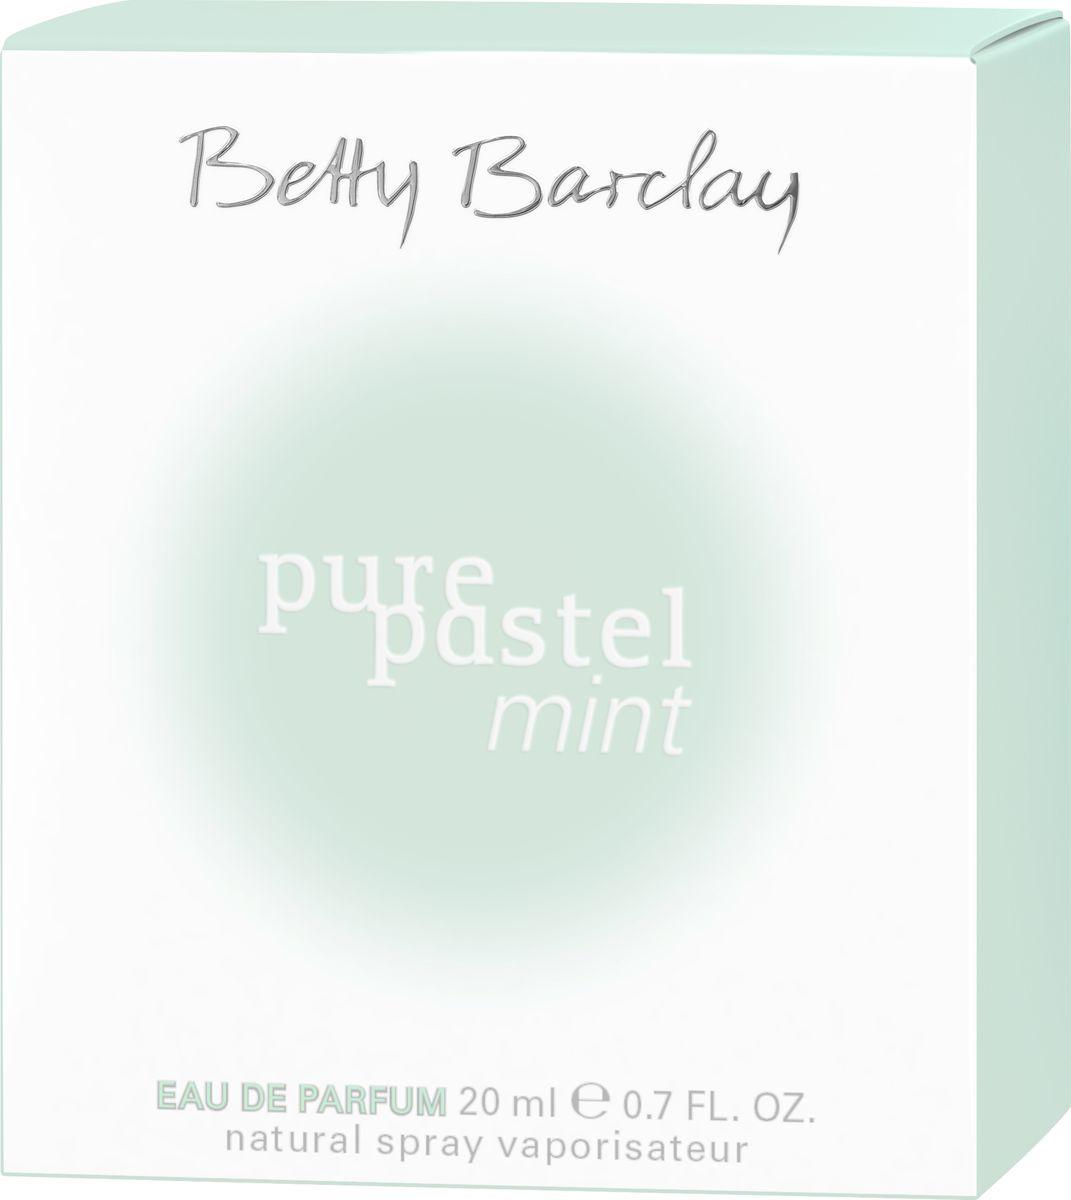 Betty Barclay Pure Pastel Mint Туалетная вода 20 мл4011700337118Новинка Pure Pastel Mint - это удивительный парфюм, в котором умело сочетаются теплые и прохладные ноты, в нем есть нежность и дерзость, уютная мягкость и жгучая страсть. Композиция открывается нотами юзу, пикантной пряностью черной смородины и деликатной пряностью розового перца. В сердце распускается потрясающая чайная роза в окружении цикламена и иланг-иланга. Теплый изменчивый шлейф строится на аккордах сандалового дерева и завораживающей чувственности мускуса.